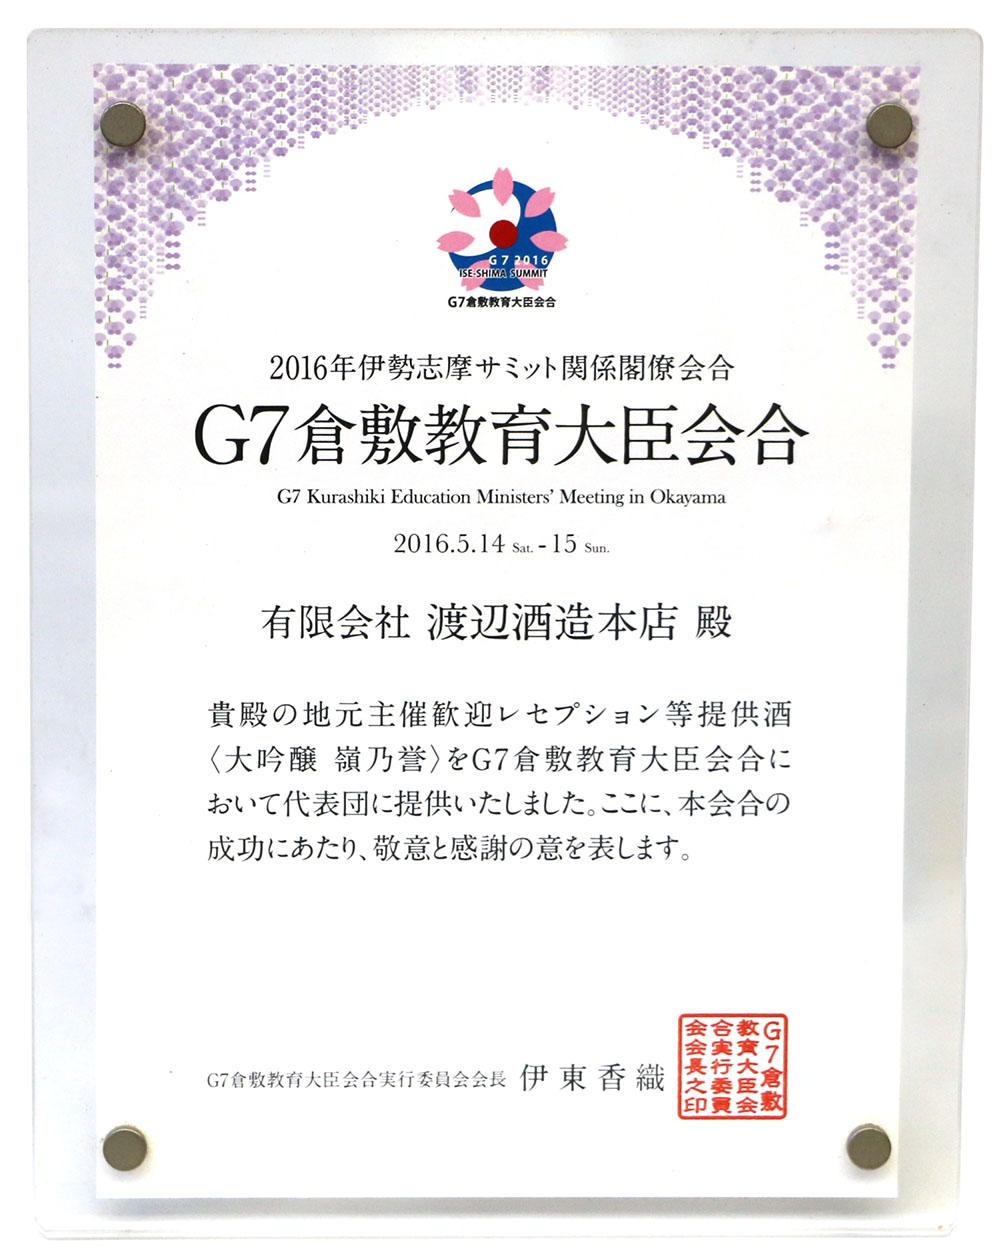 G7感謝状盾